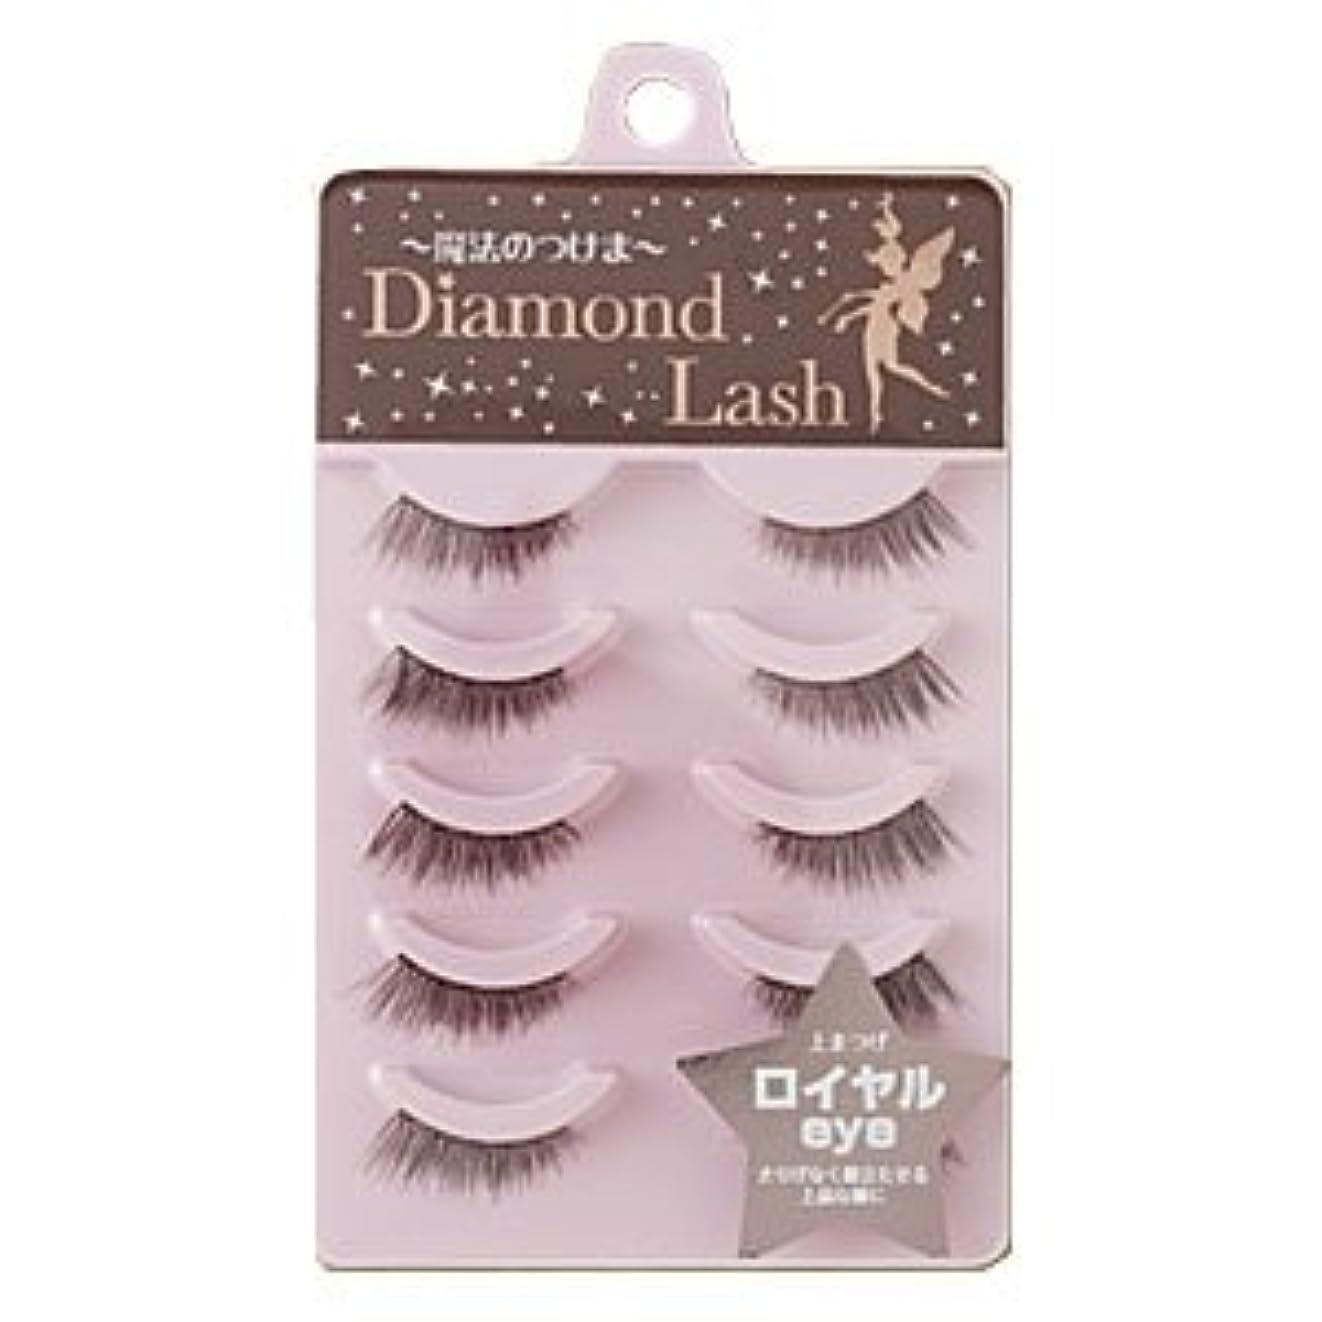 クスコ推定する苦痛ダイヤモンドラッシュ Diamond Lash つけまつげ リッチブラウンシリーズ ロイヤルeye